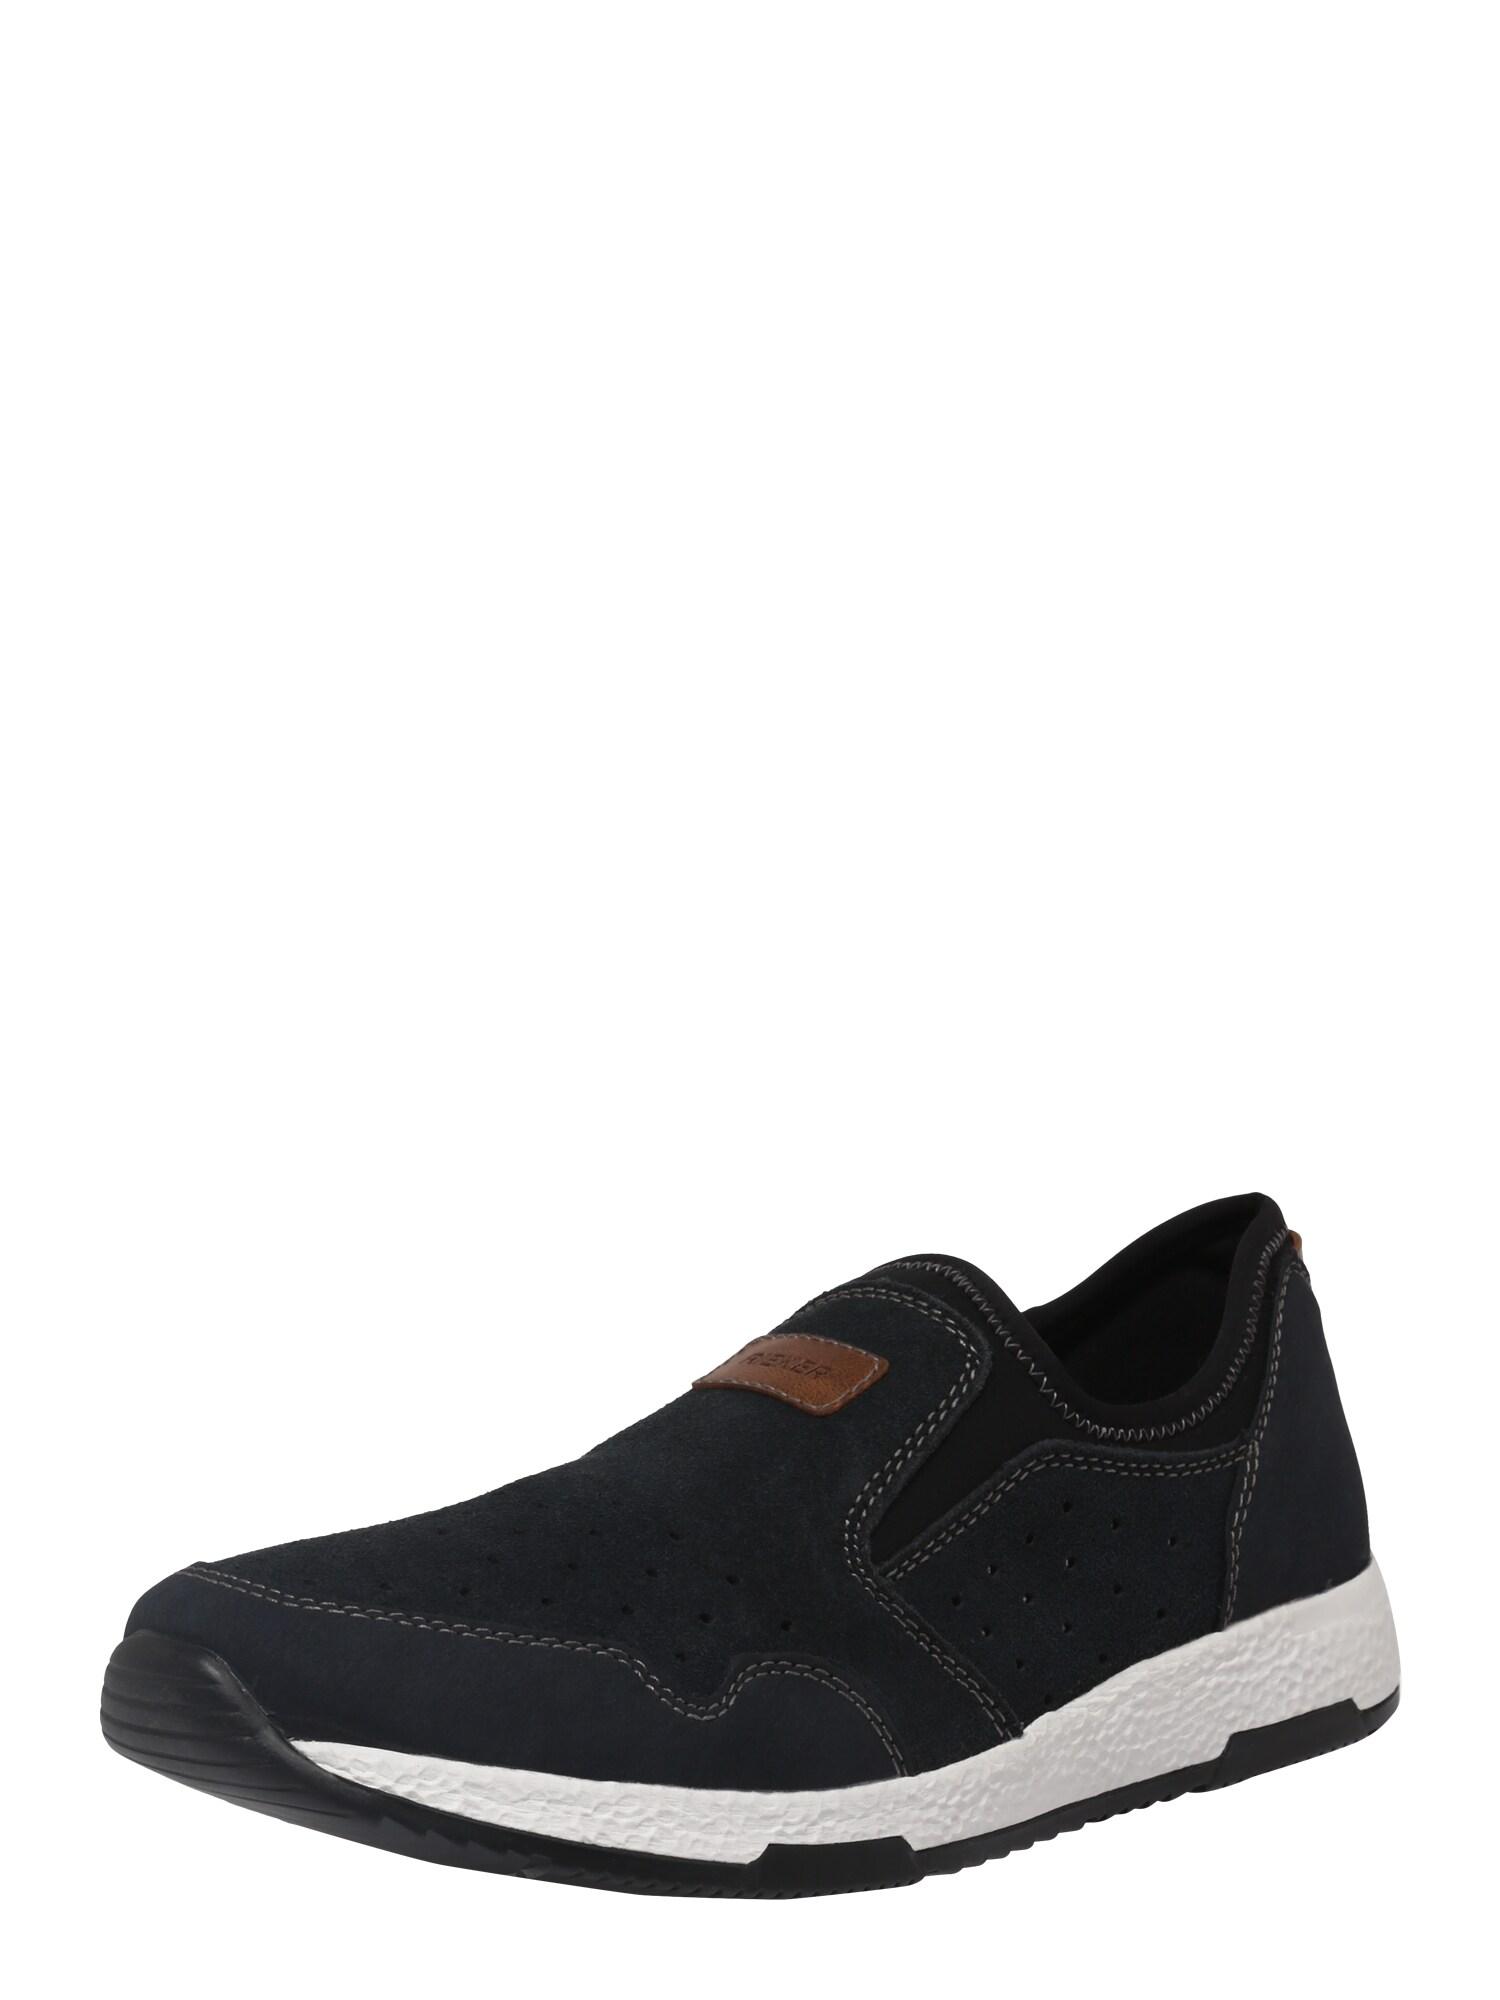 Slip on boty hnědá černá bílá RIEKER